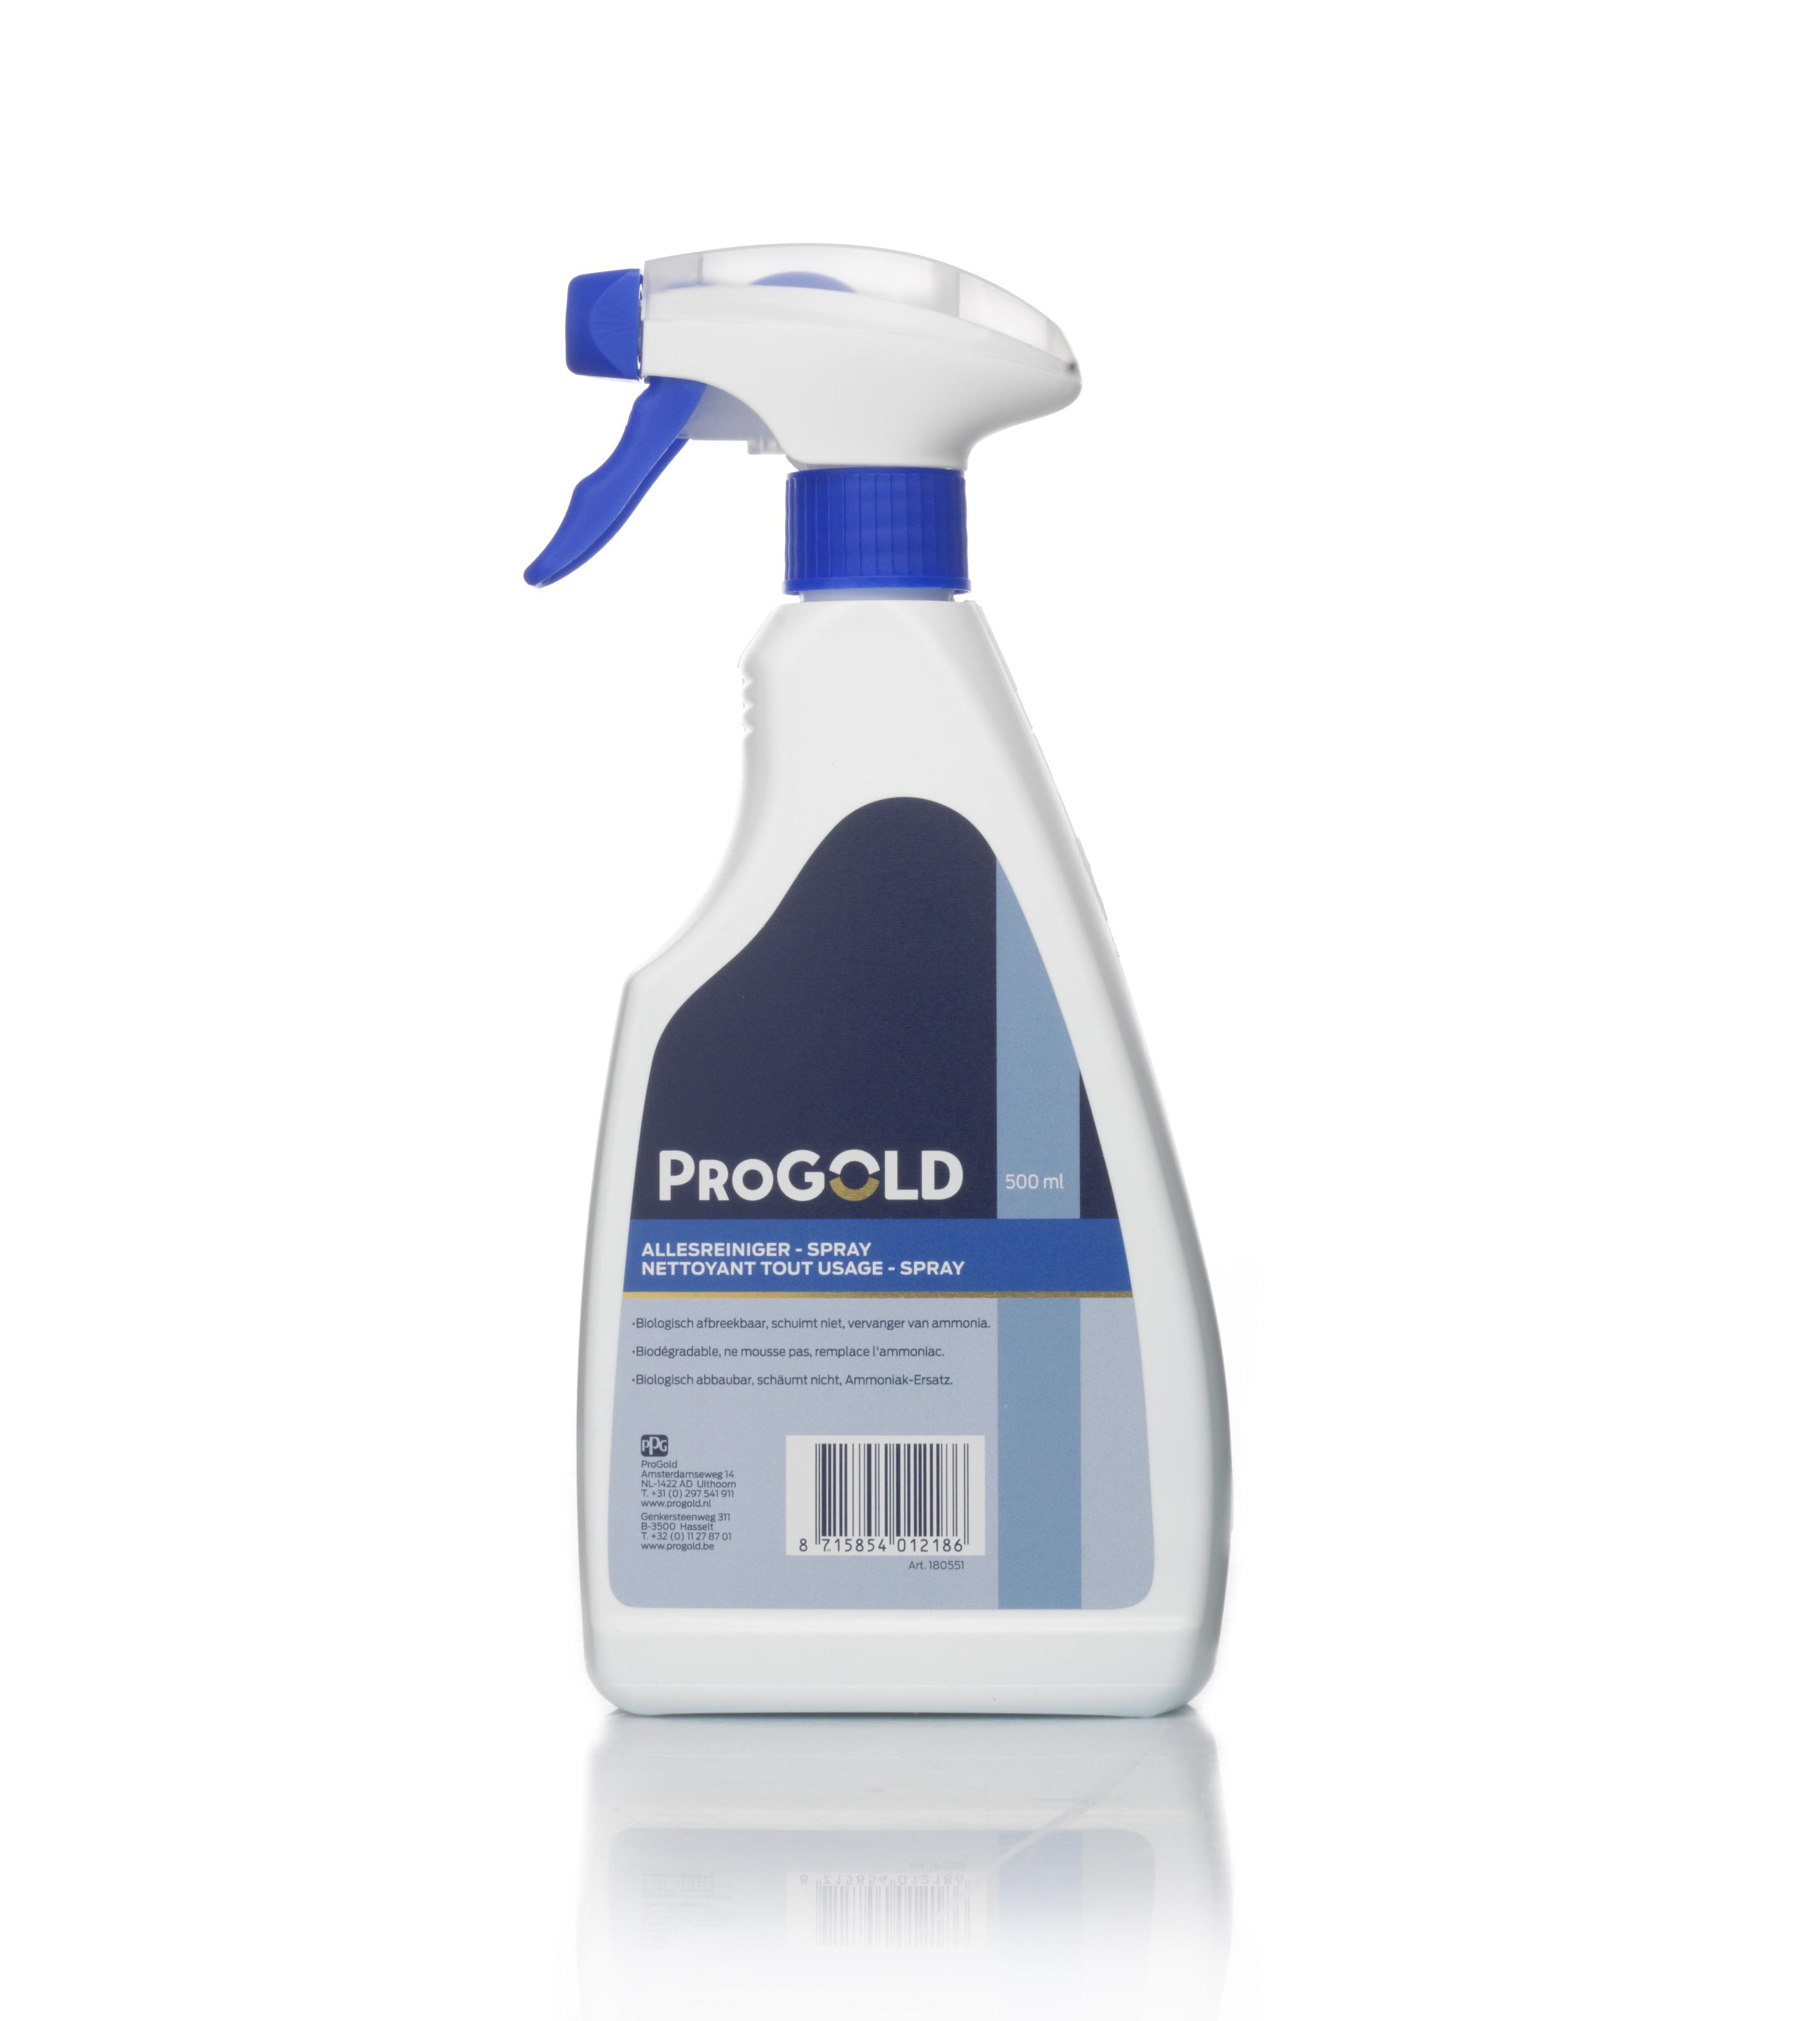 ProGold Allesreiniger Spray